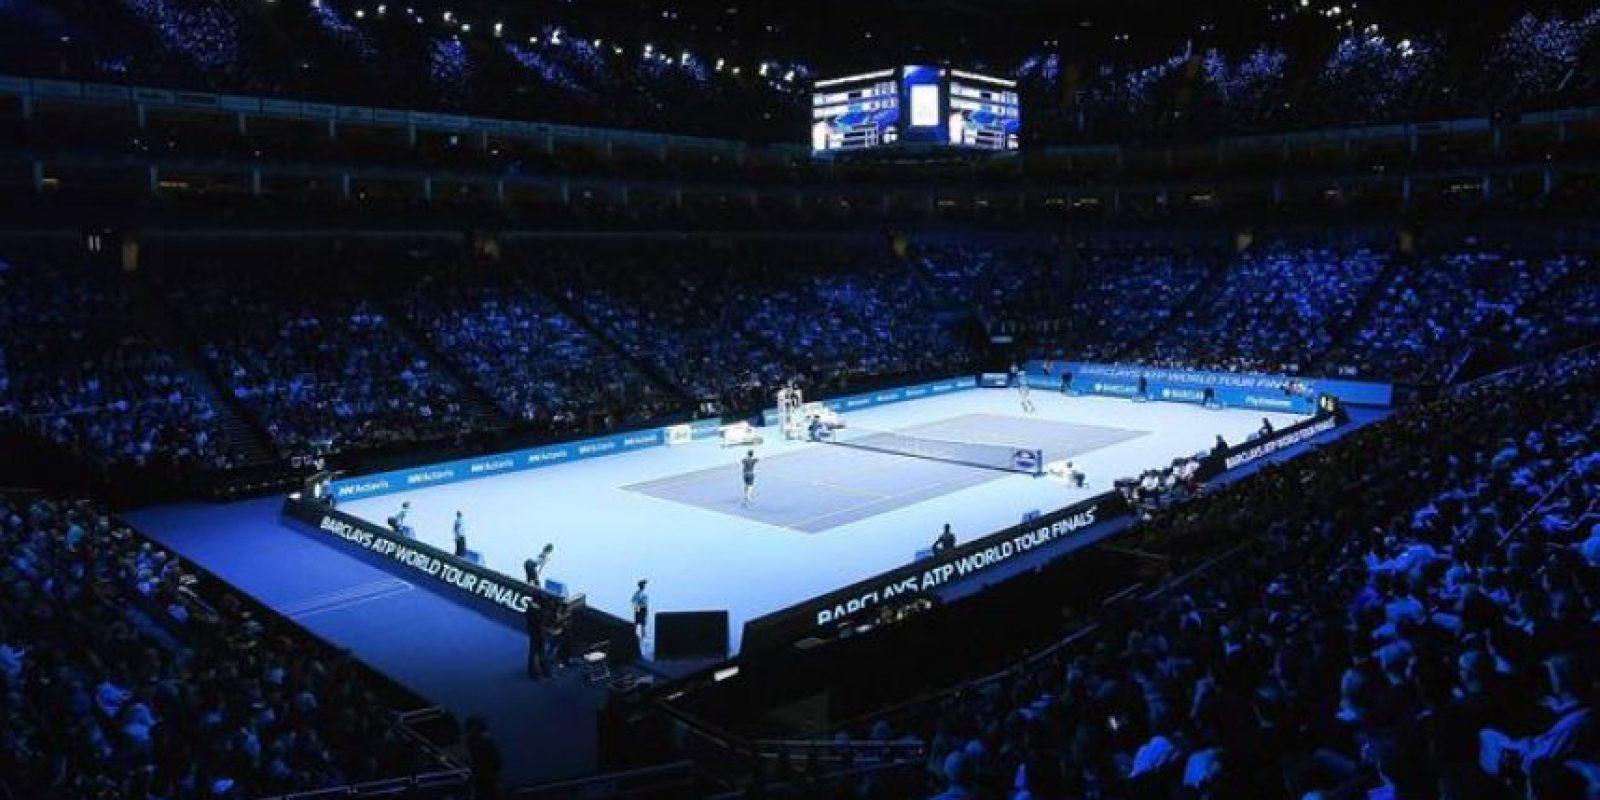 Vista general del O2 Arena durante el partido que han jugado el británico Andy Murray (I) y el japonés Kei Nishikori. EFE/EPA